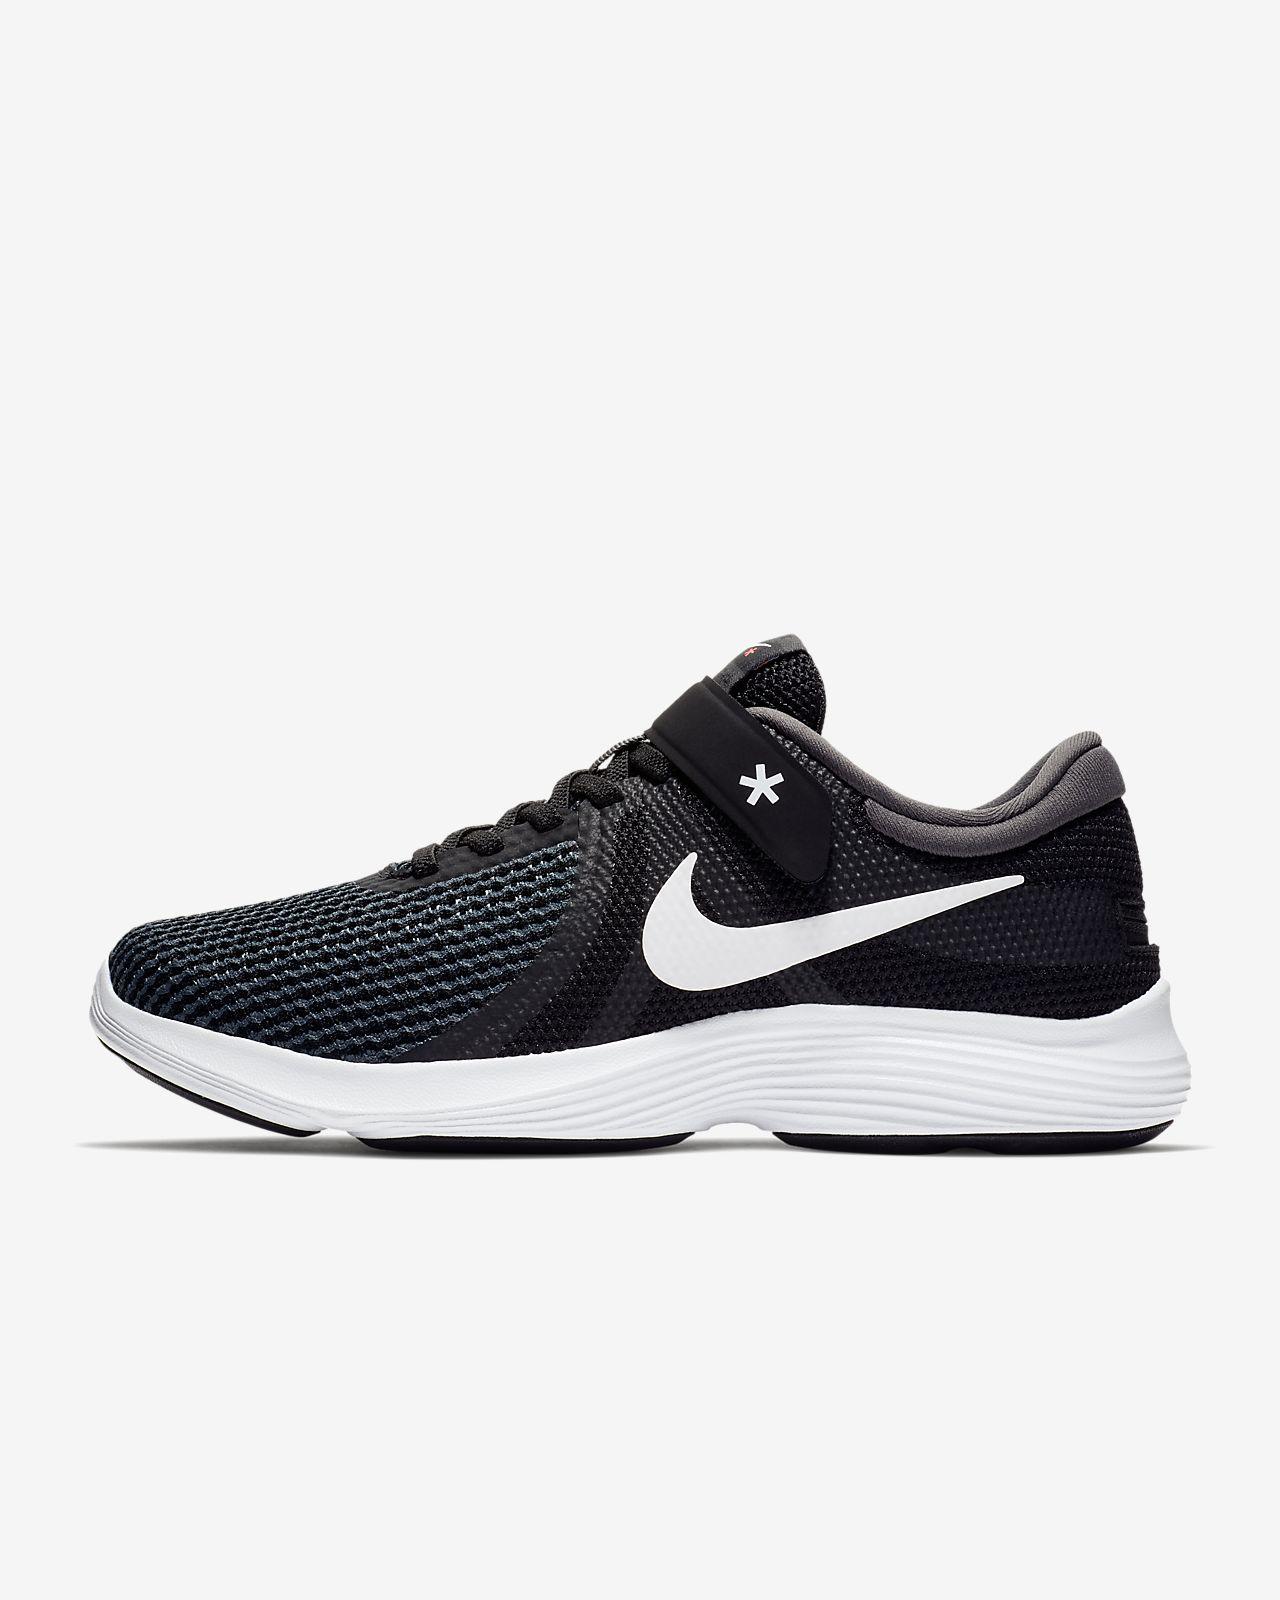 Nike Revolution 4 FlyEase Hardloopschoen voor dames